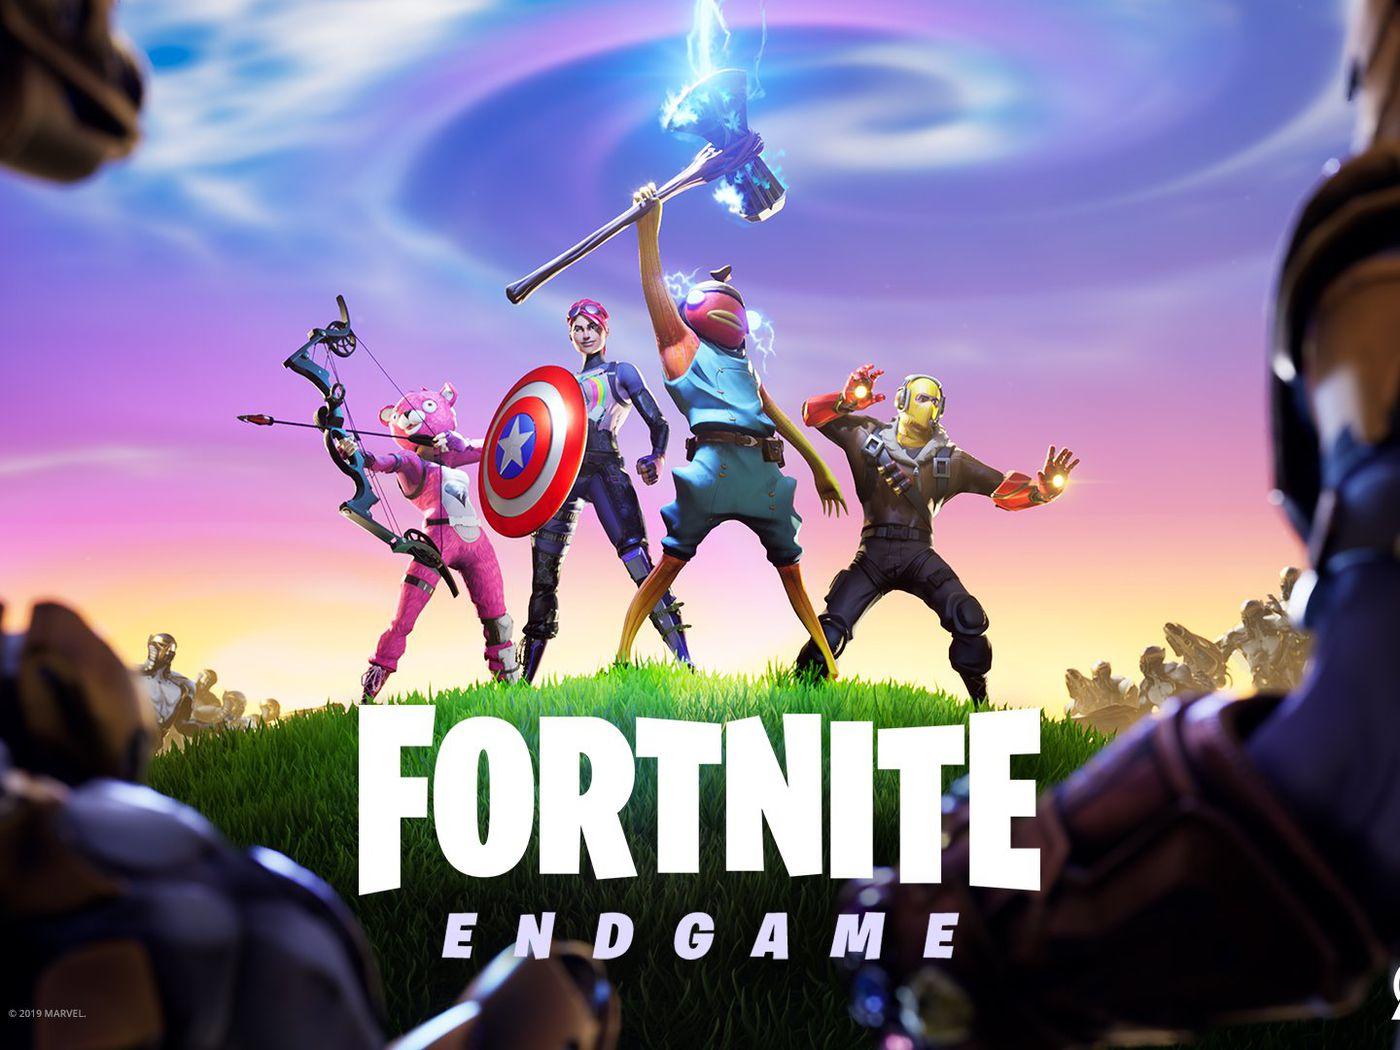 Fortnite_Avengers_Endgame